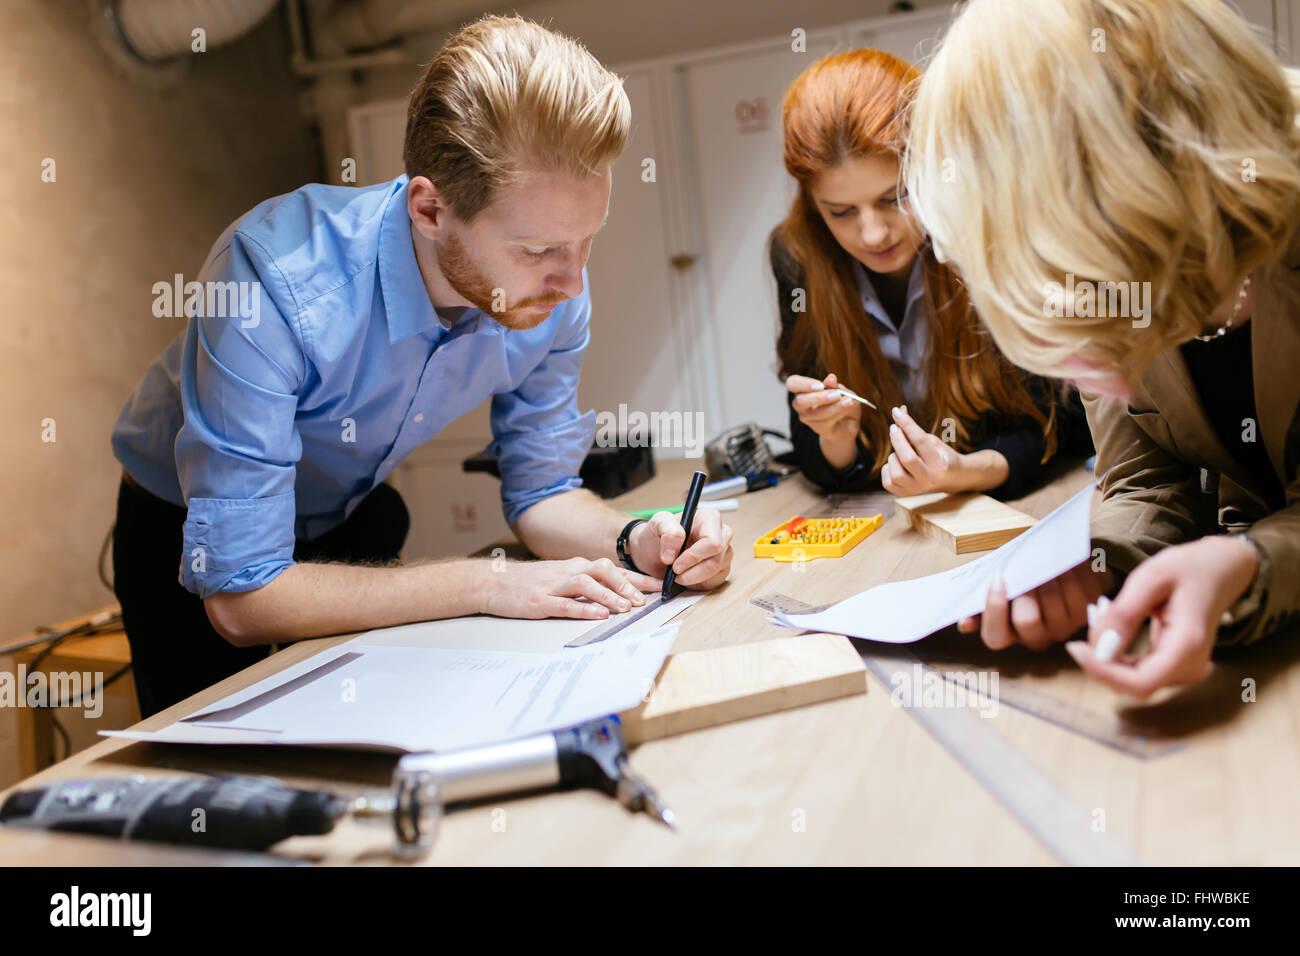 Compañeros trabajando en un proyecto juntos y cooperar Imagen De Stock